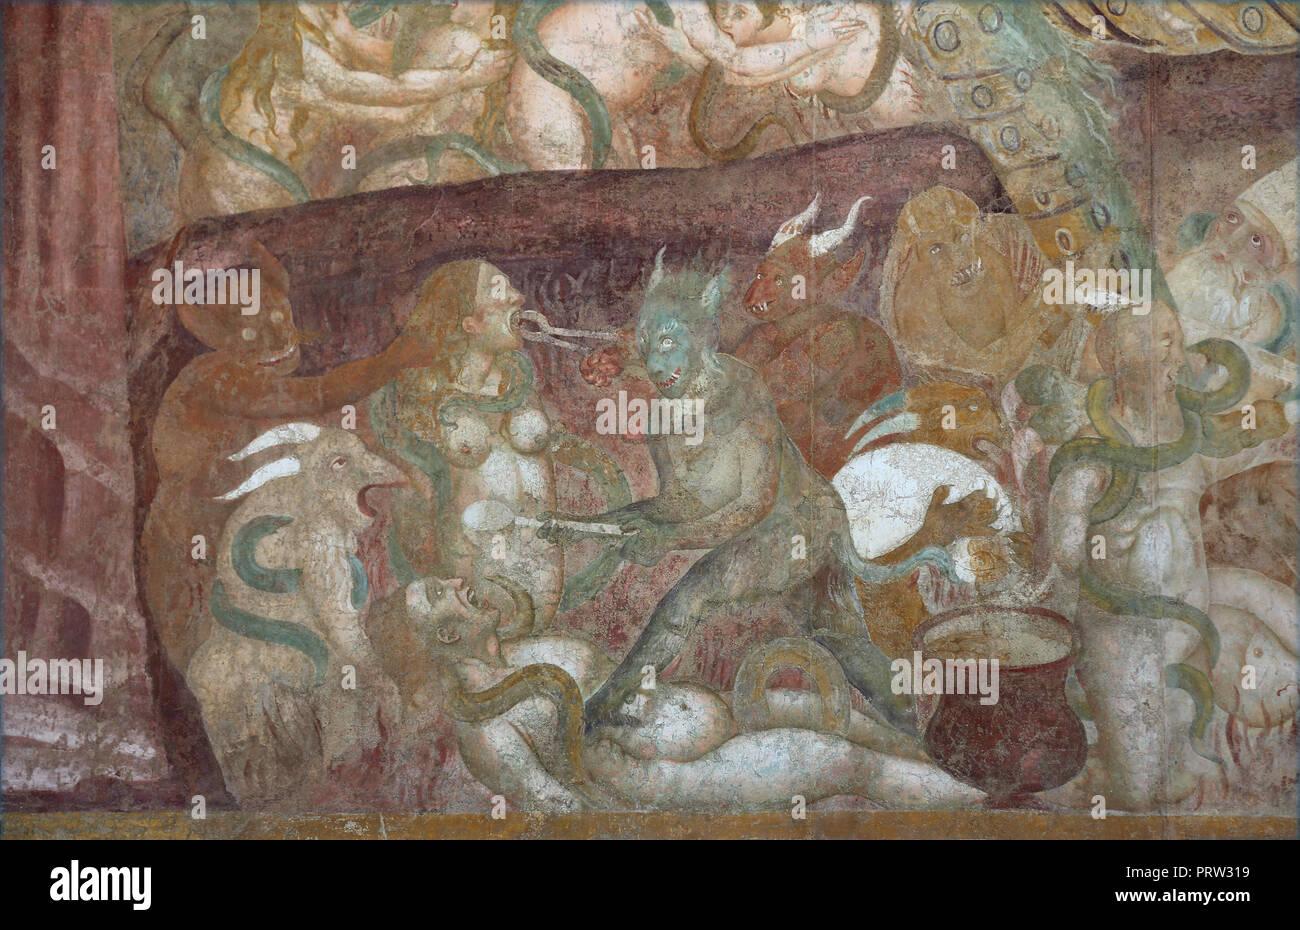 """Buonamico Buffalmacco. Le Triomphe de la mort. Détail """"l'enfer"""". Tourments. 1338-39. Camposanto. Pise. L'Italie. Banque D'Images"""